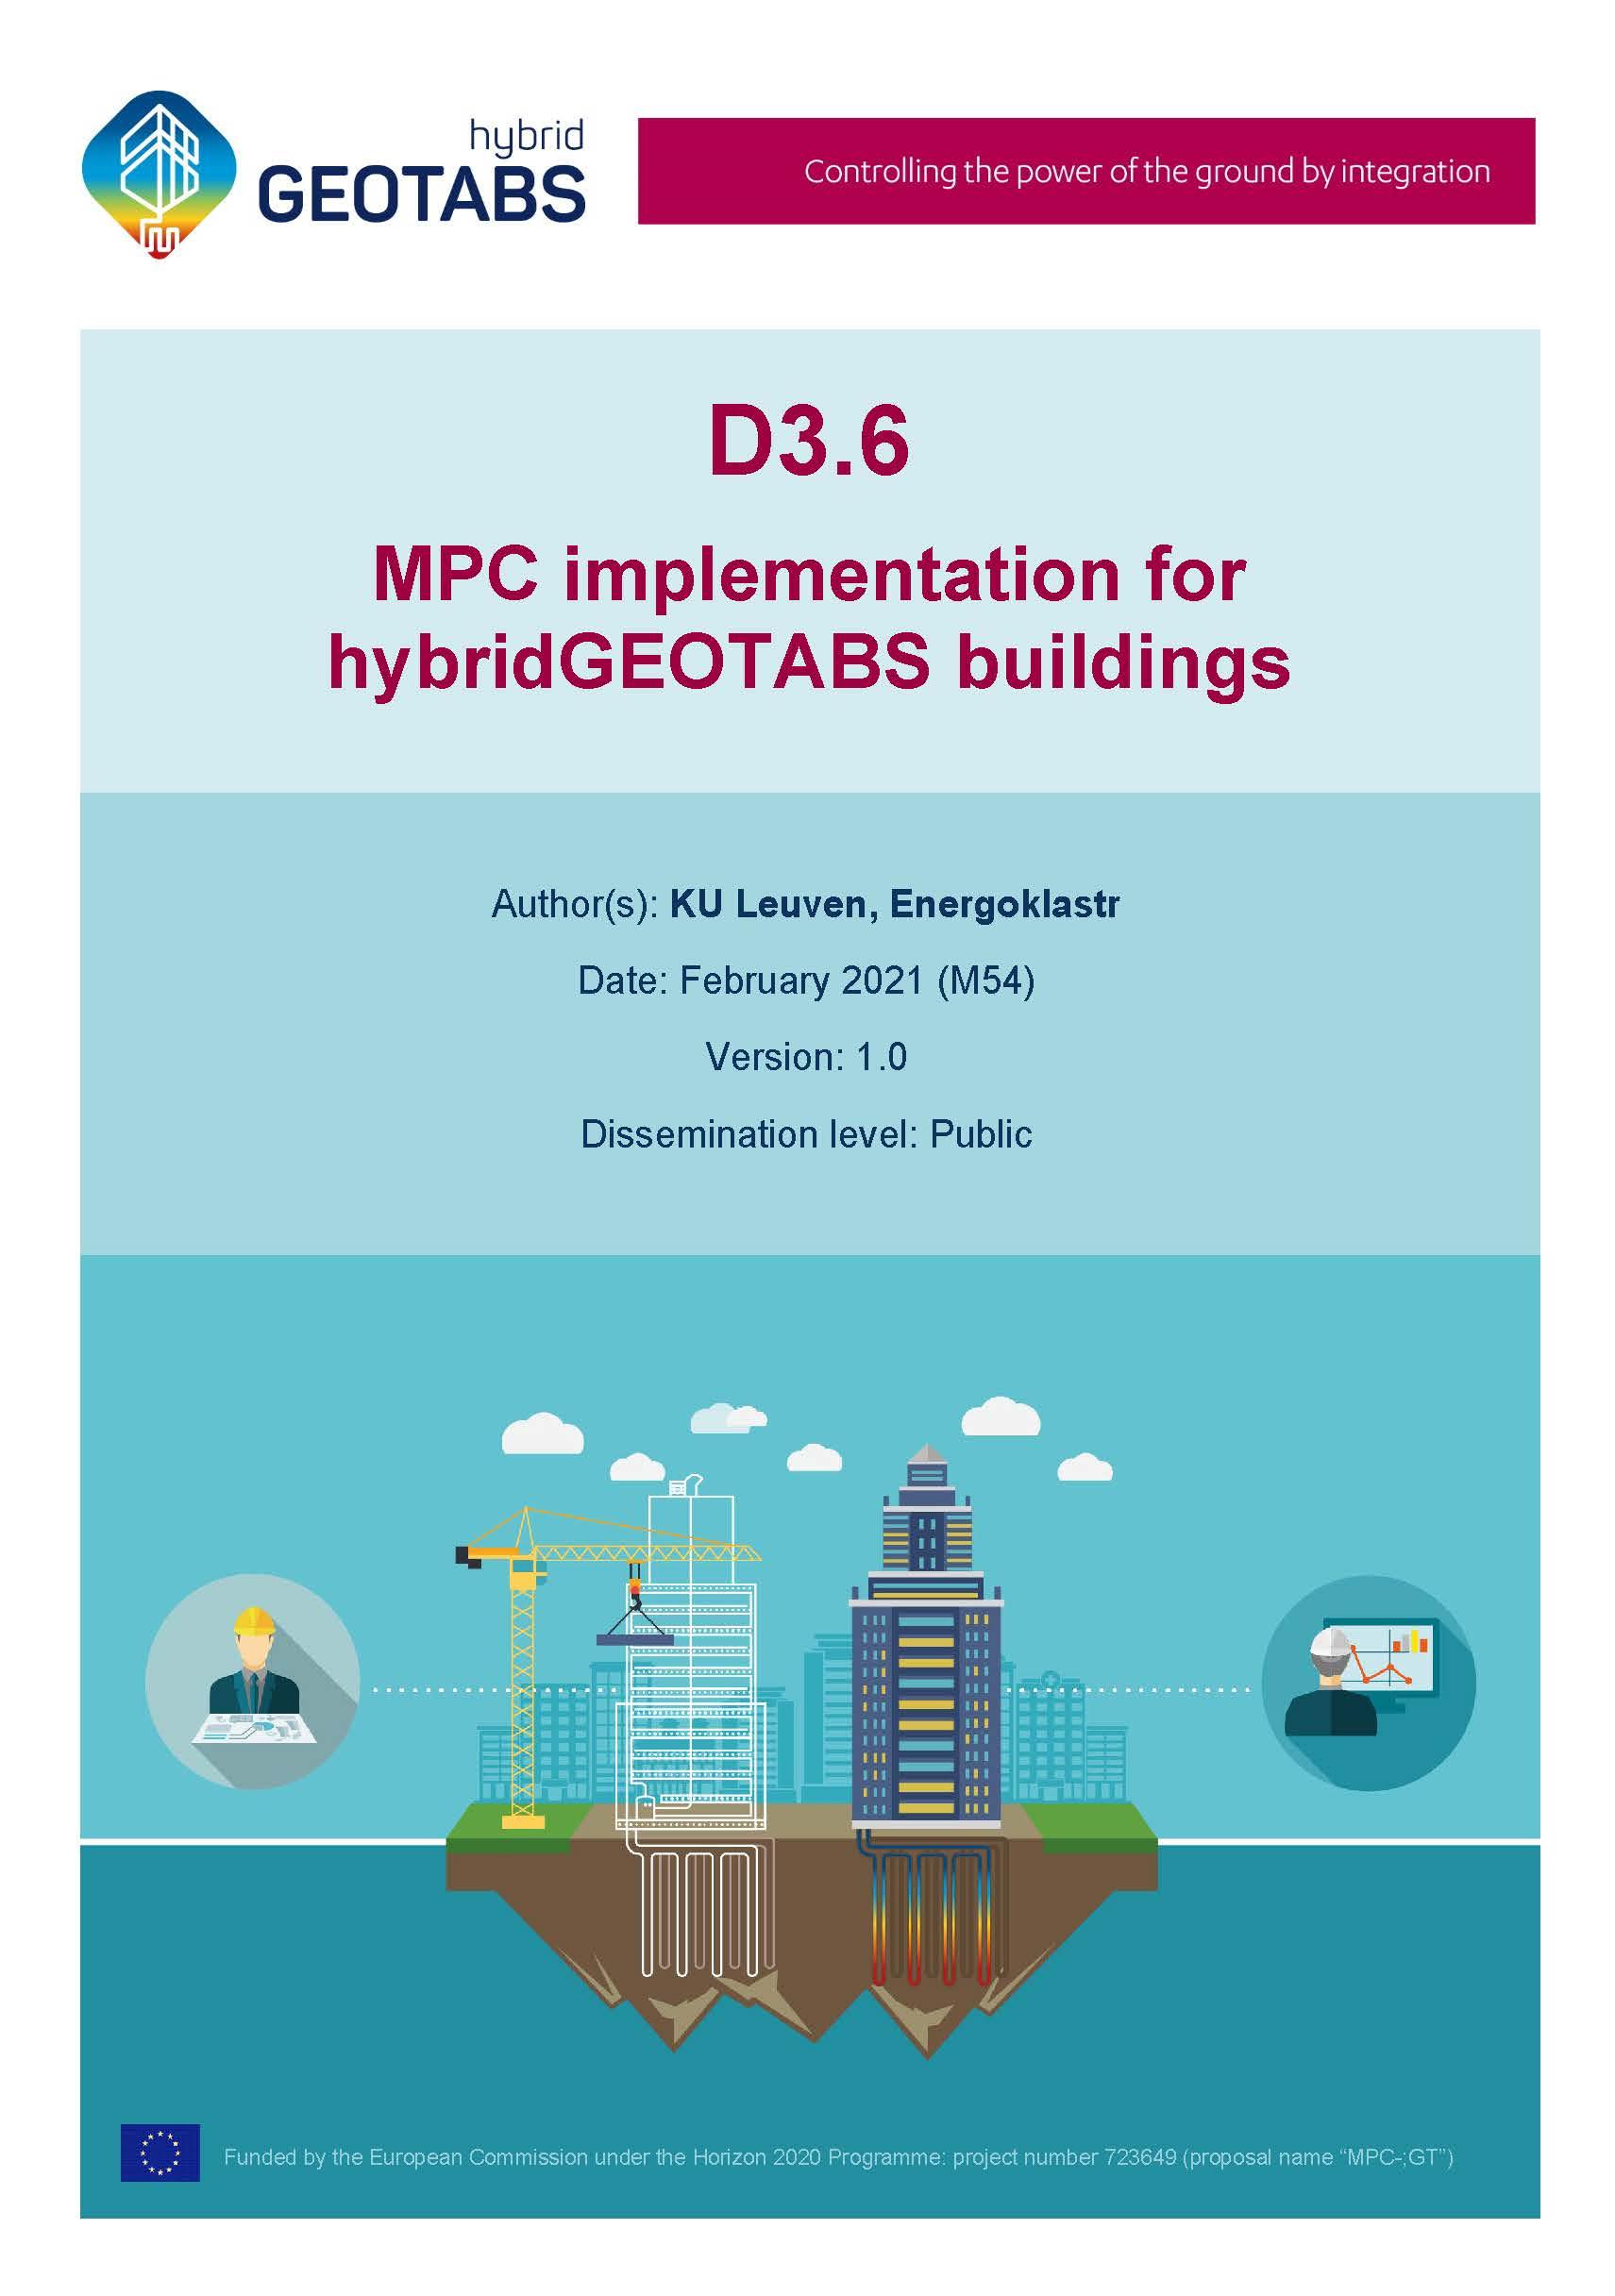 D3.6 MPC implementation for hybridGEOTABS buildings